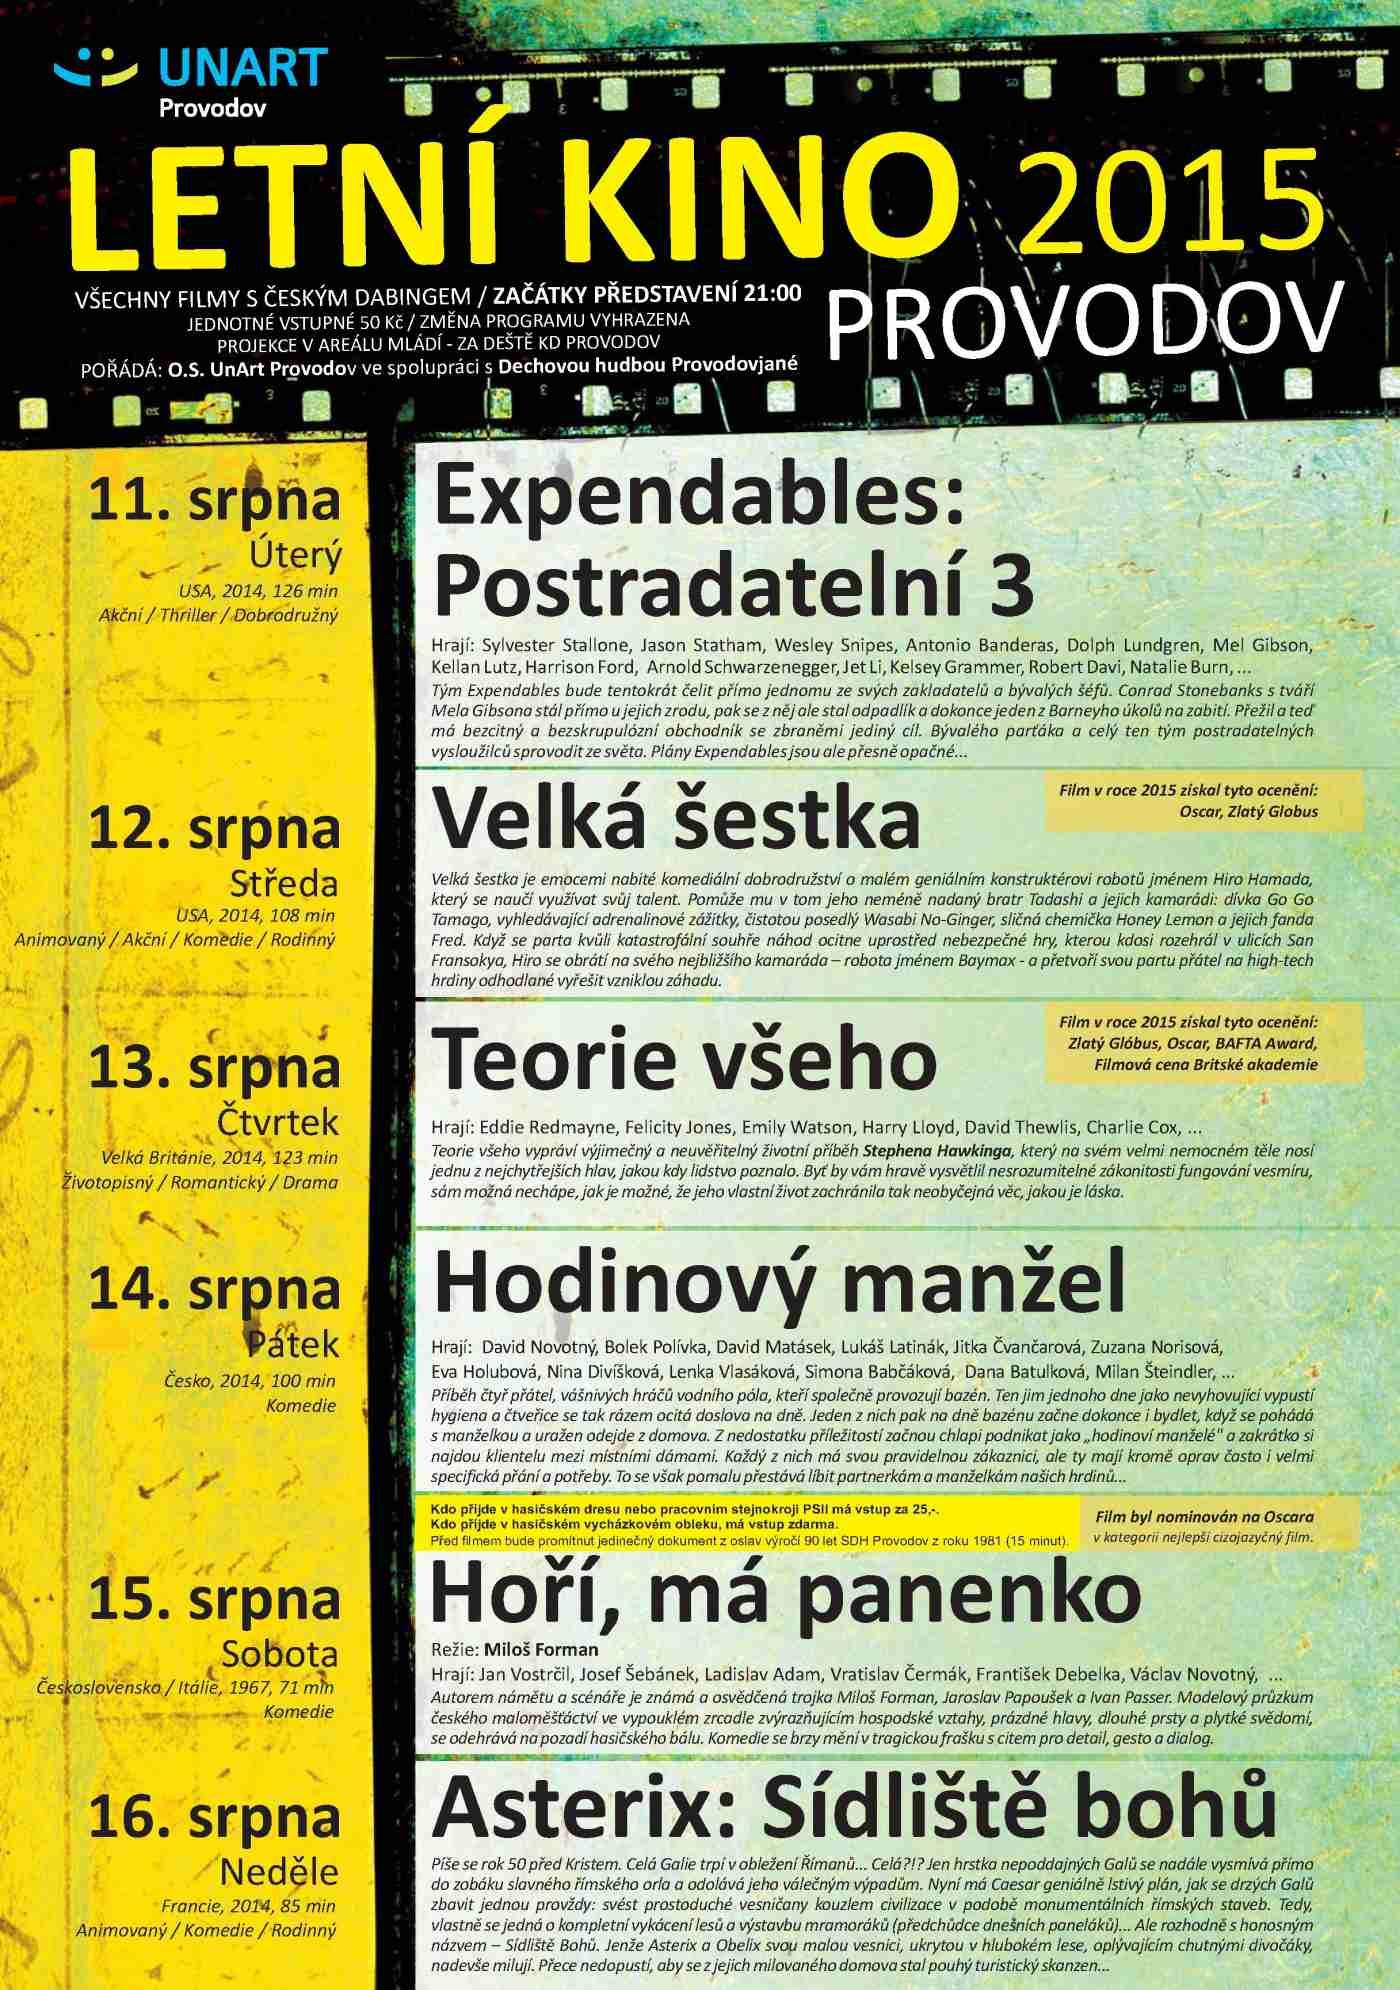 programem na letošní 45. ročník letního kina v Provodově